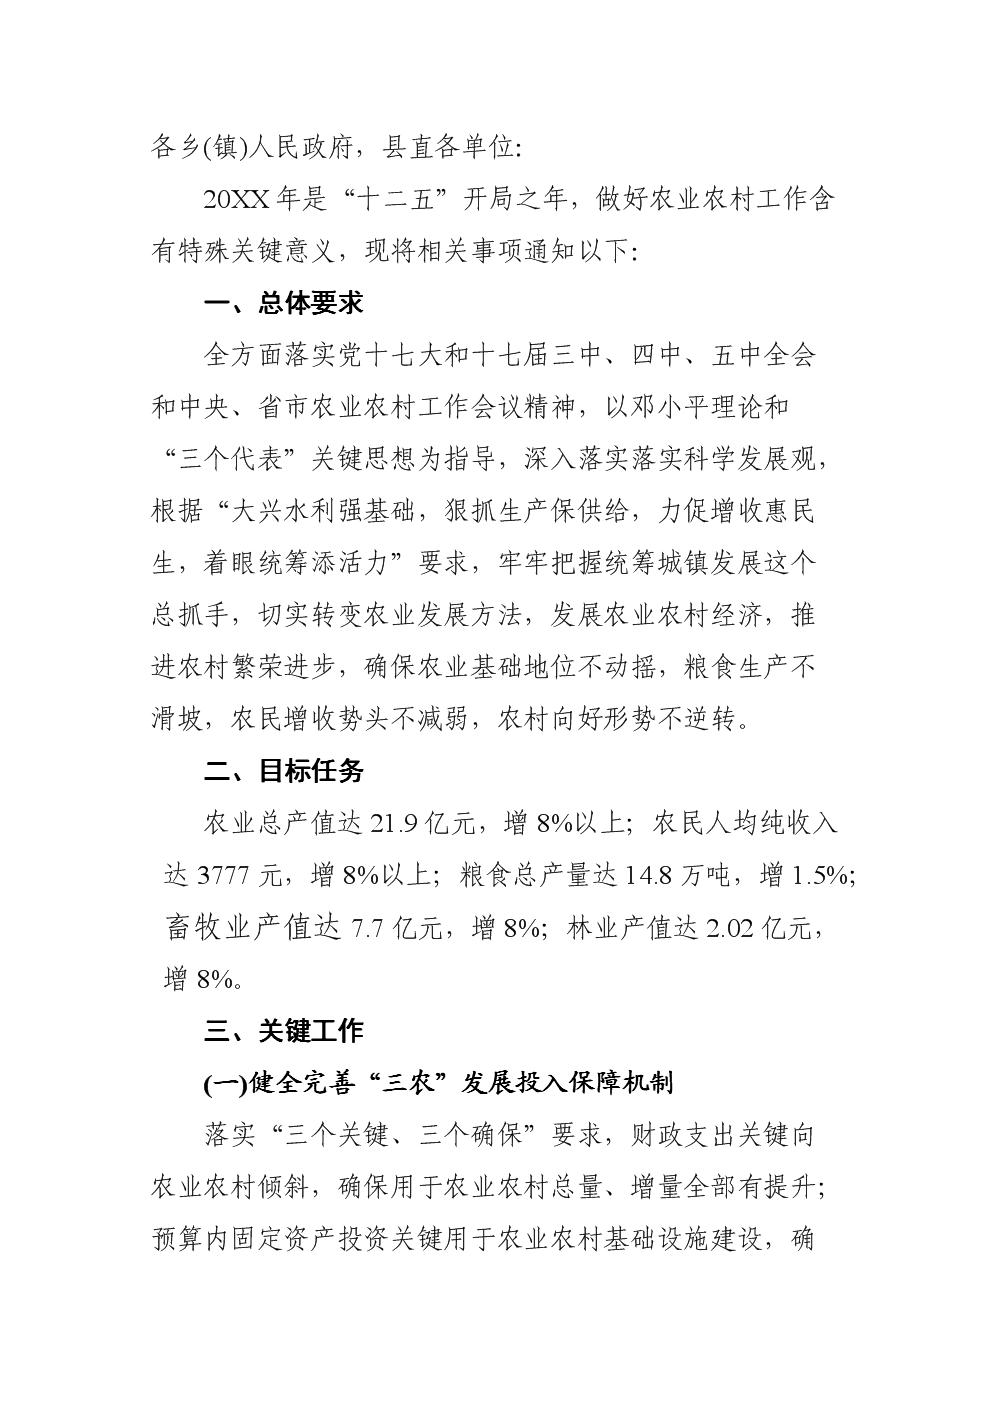 寻甸农业发展指导规划方案.doc